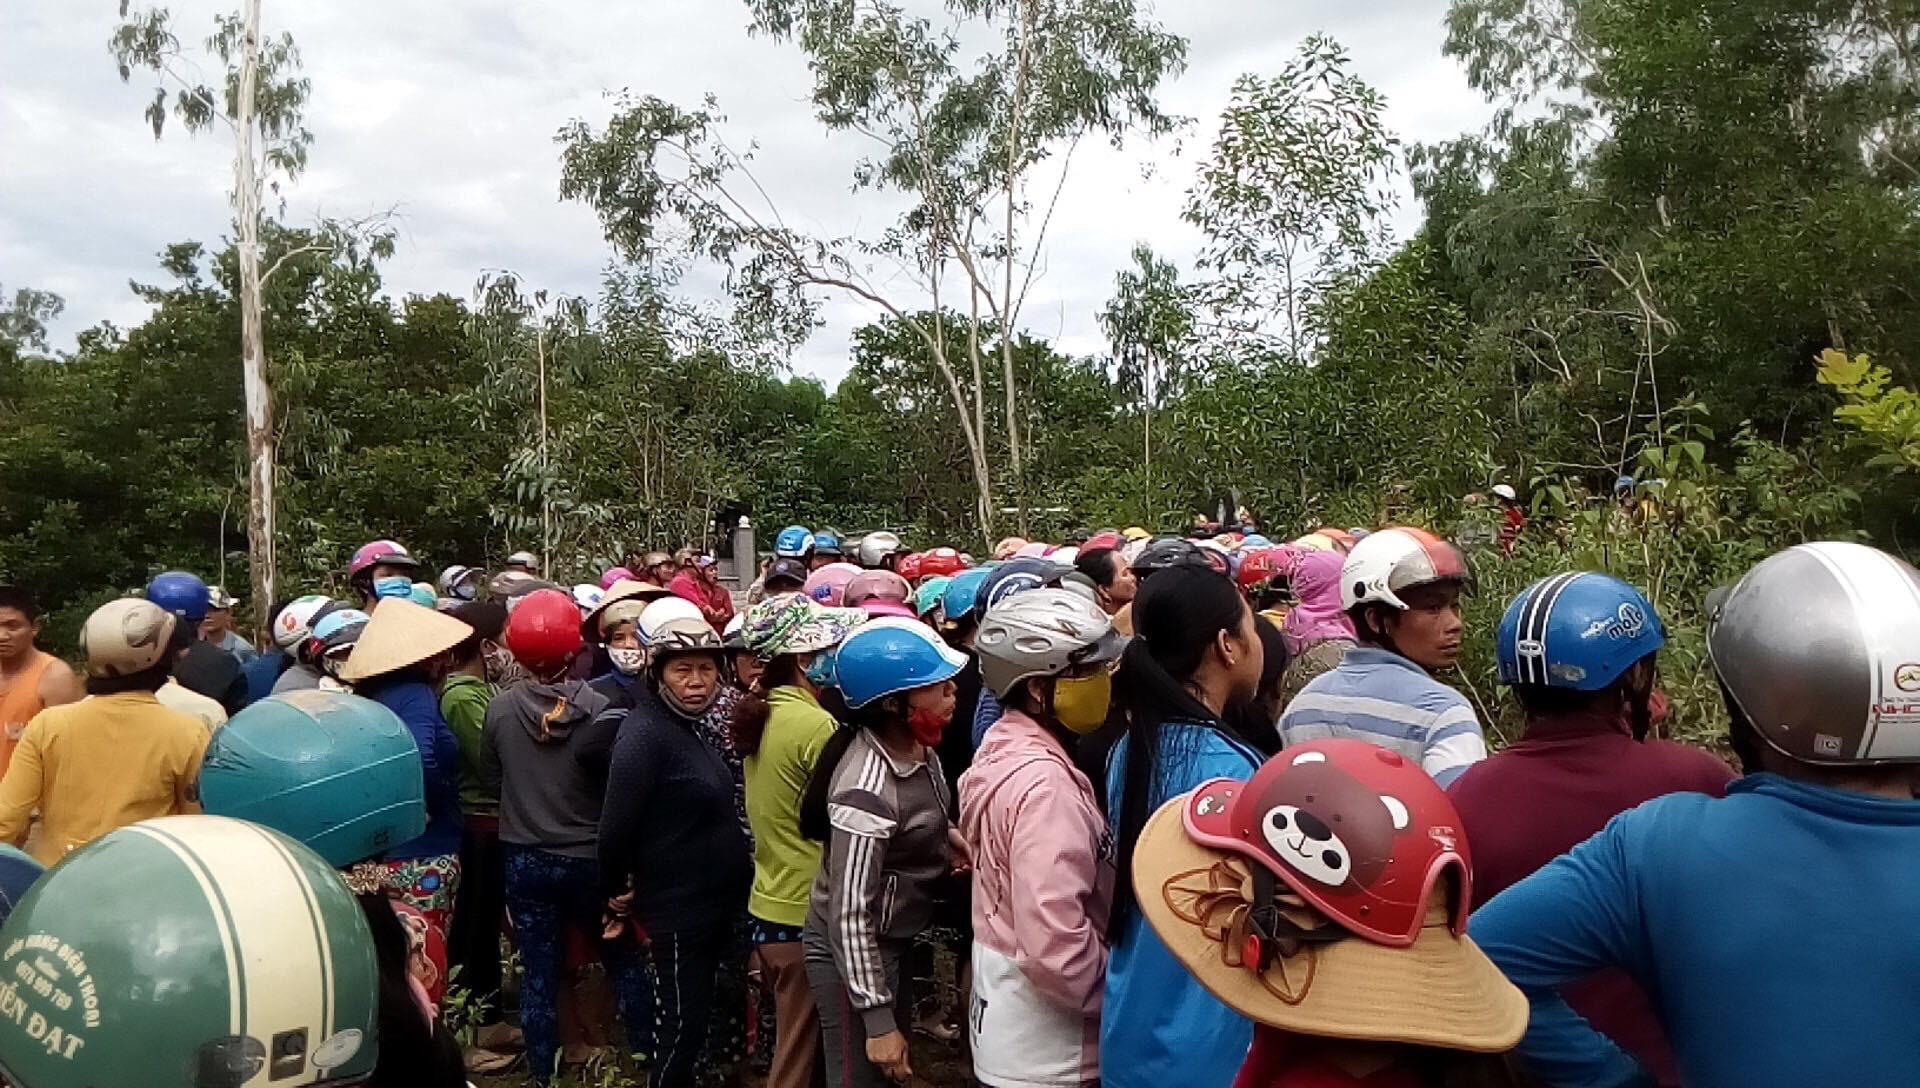 Hiện trường thảm án kinh hoàng 3 người tử vong nghi bị sát hại trong nghĩa địa ở Bình Định - Ảnh 2.